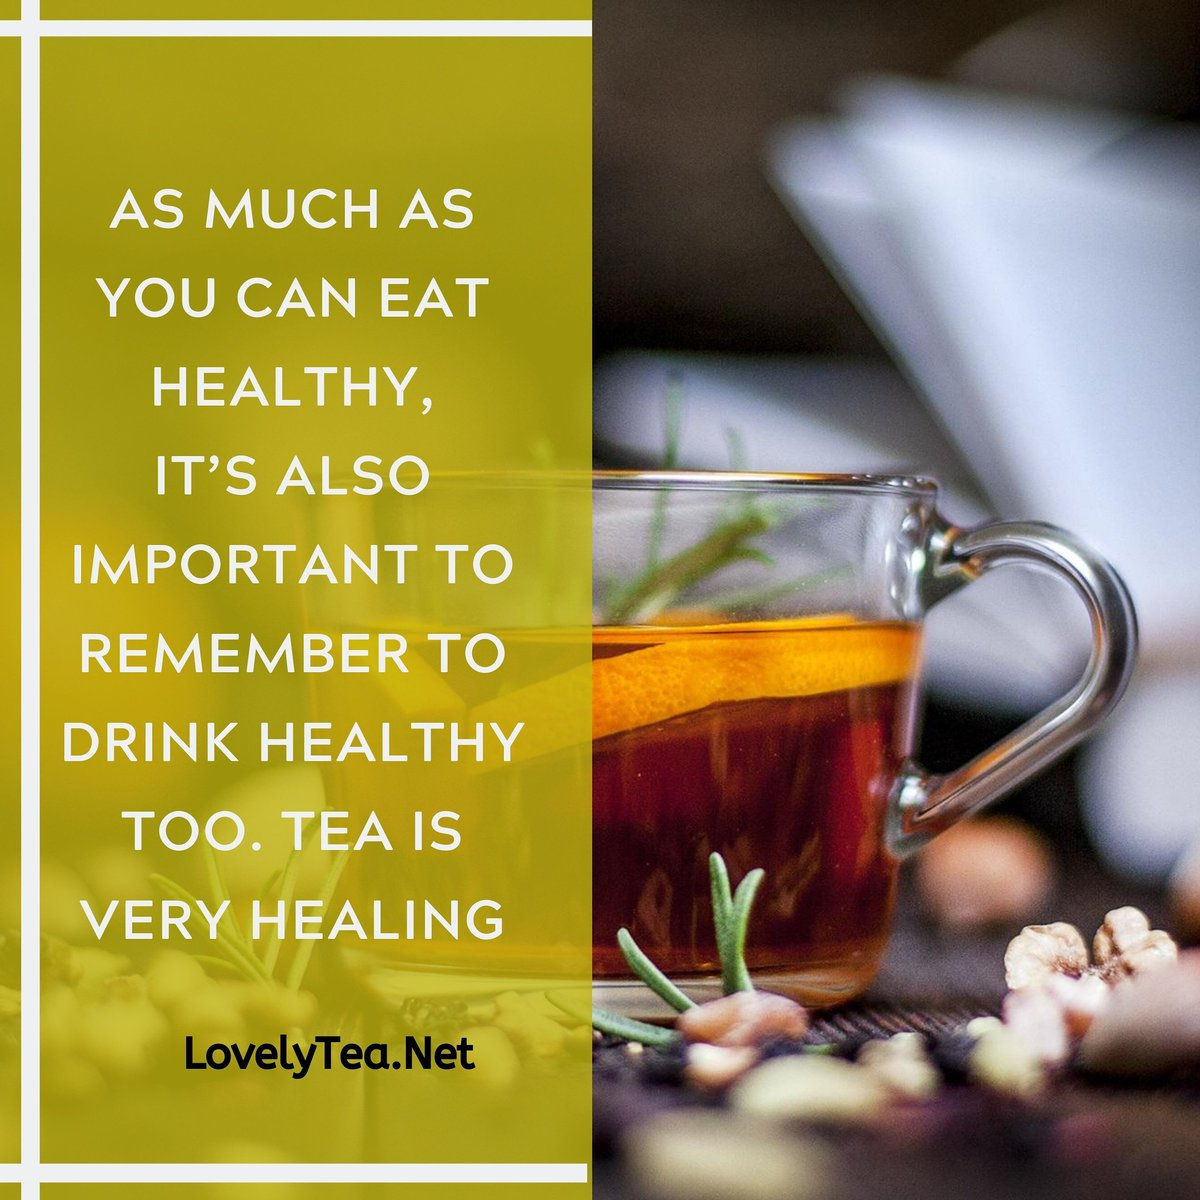 #supportsmallbusiness#motivate #didyouknowfacts #tealovers #tealover #teaaddict #teaholic  #lovelytea #tealovers#matcha #j#ilovetea #teagram #lovelytea___ #healthy #love #lovelyti2002 #teaandseasons #organic #instagood #morningtea #todaypic.twitter.com/yofN9mIyBU